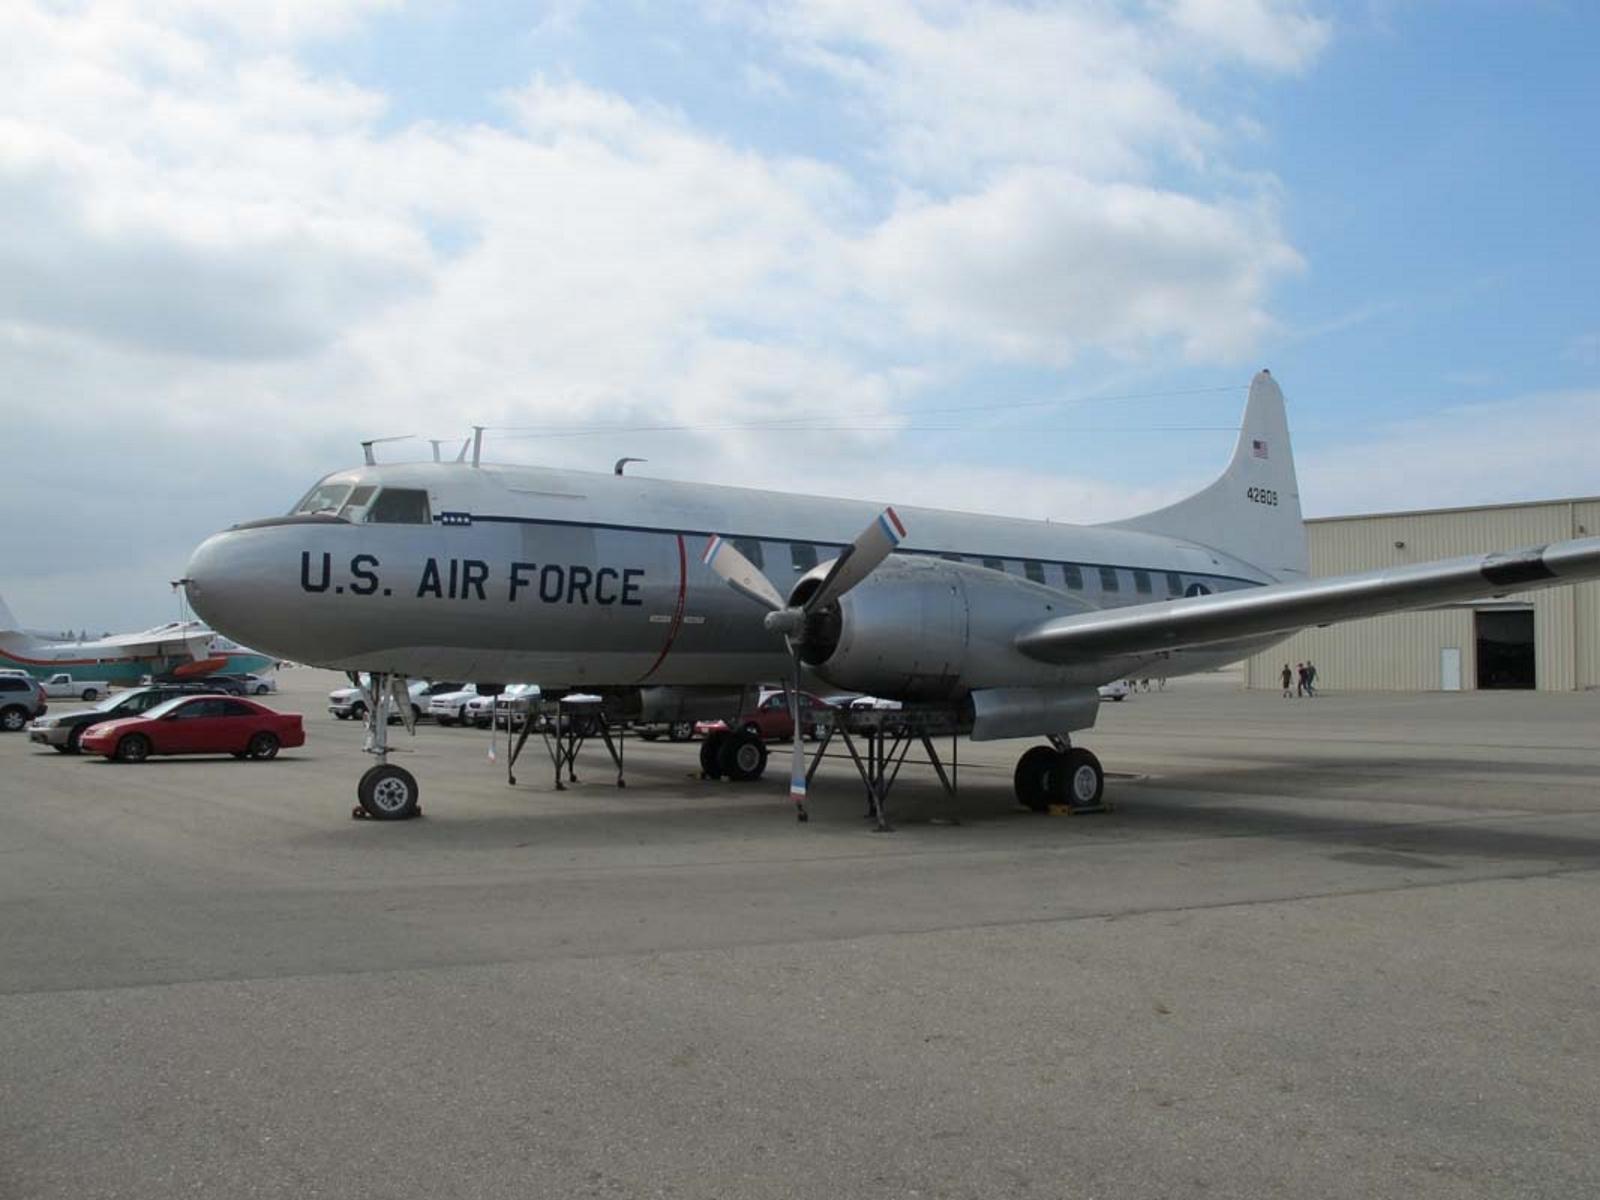 Convair C-131D Samarijan